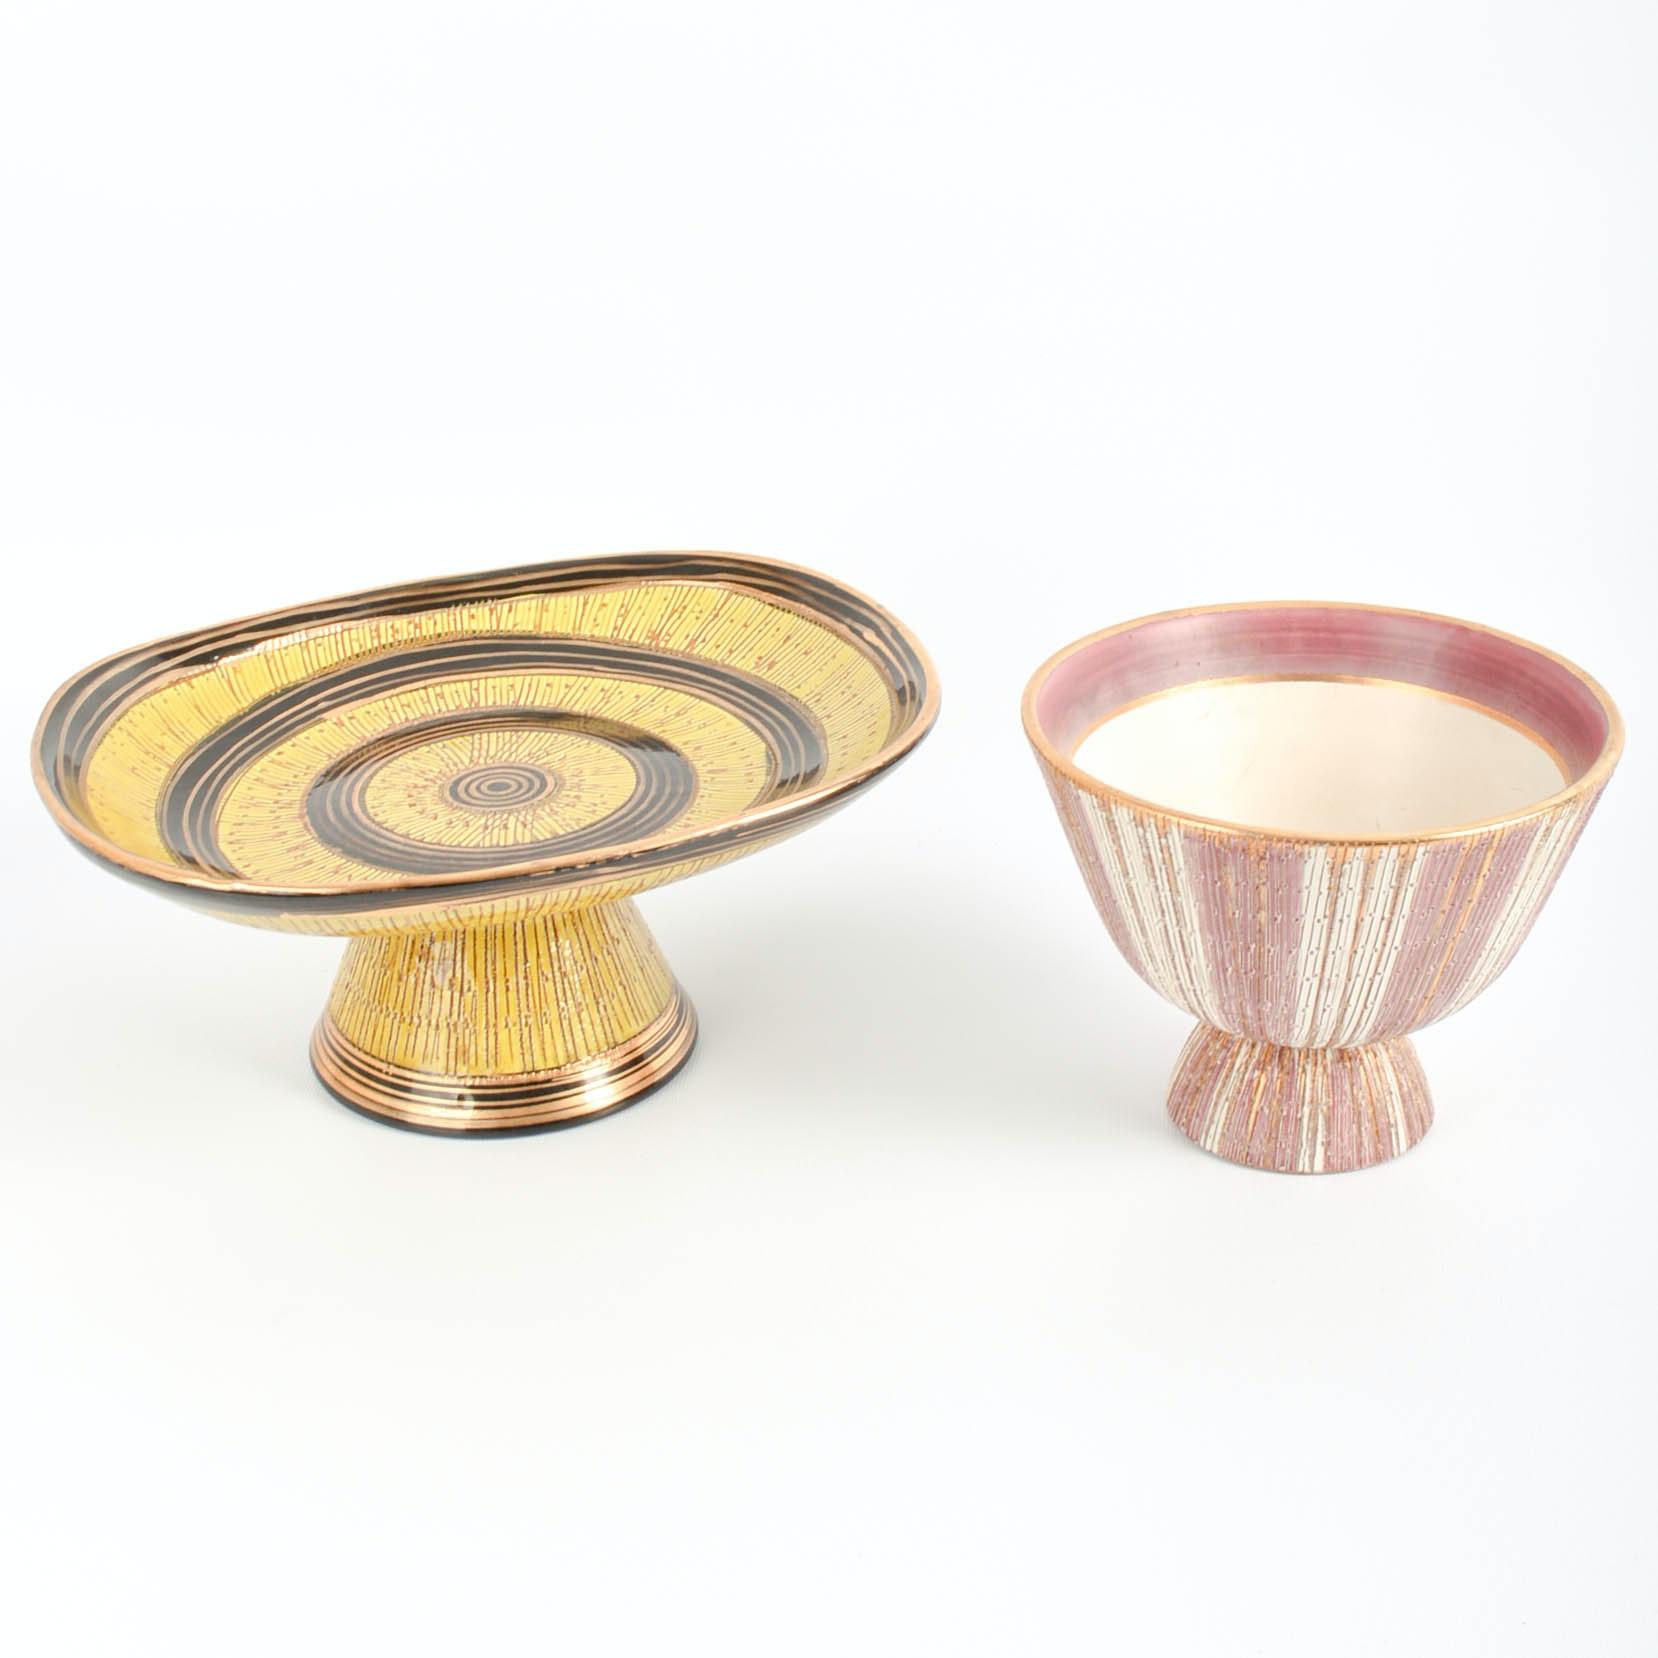 """Two 1960s Bitossi for Goodfriend Imports """"Seta"""" Ceramic Pieces"""